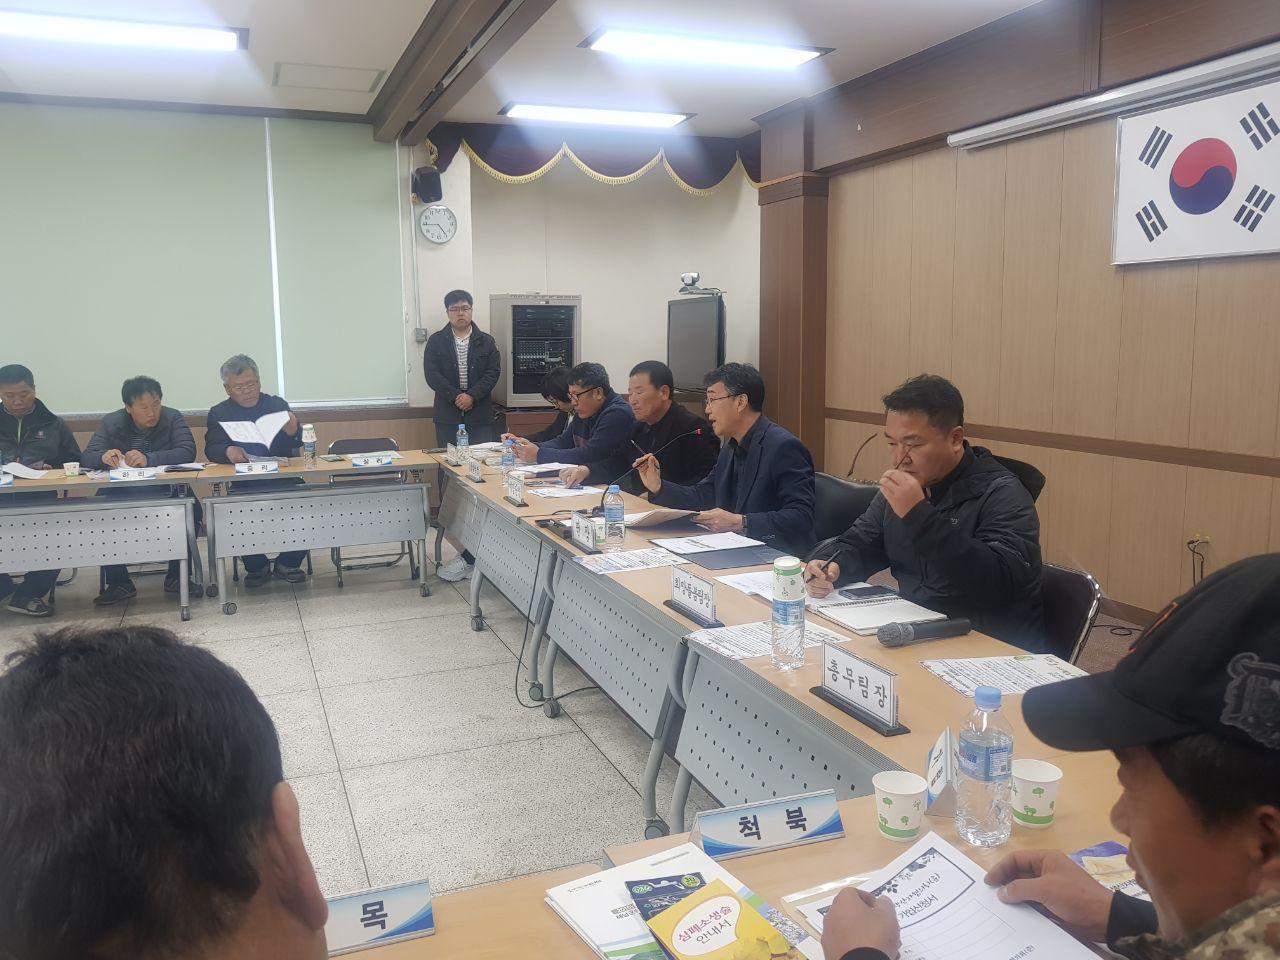 2019년 3월중 이장회의 개최